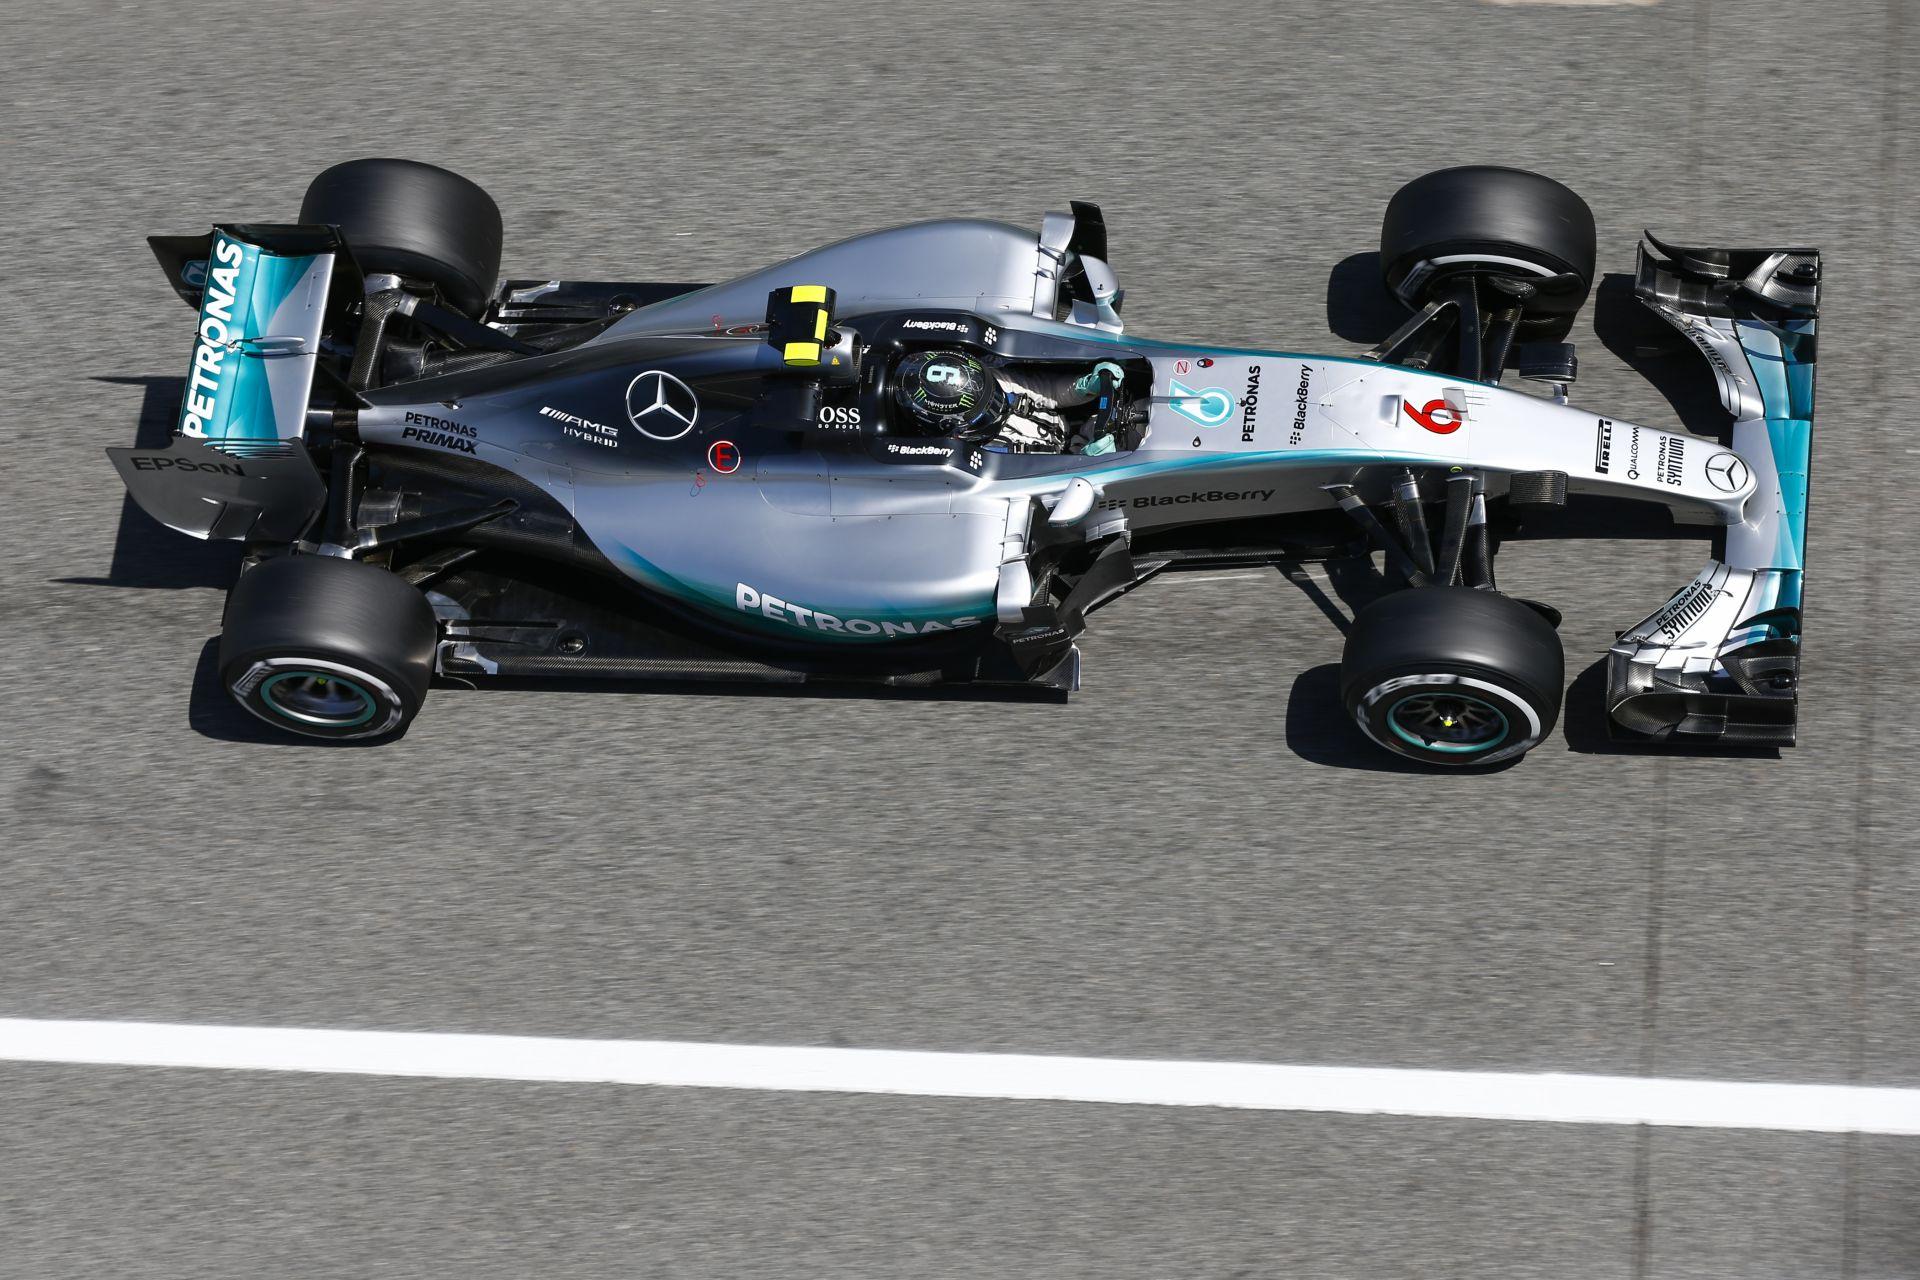 Ennyivel volt jobb Rosberg Hamiltonnál: Videós összehasonlítás